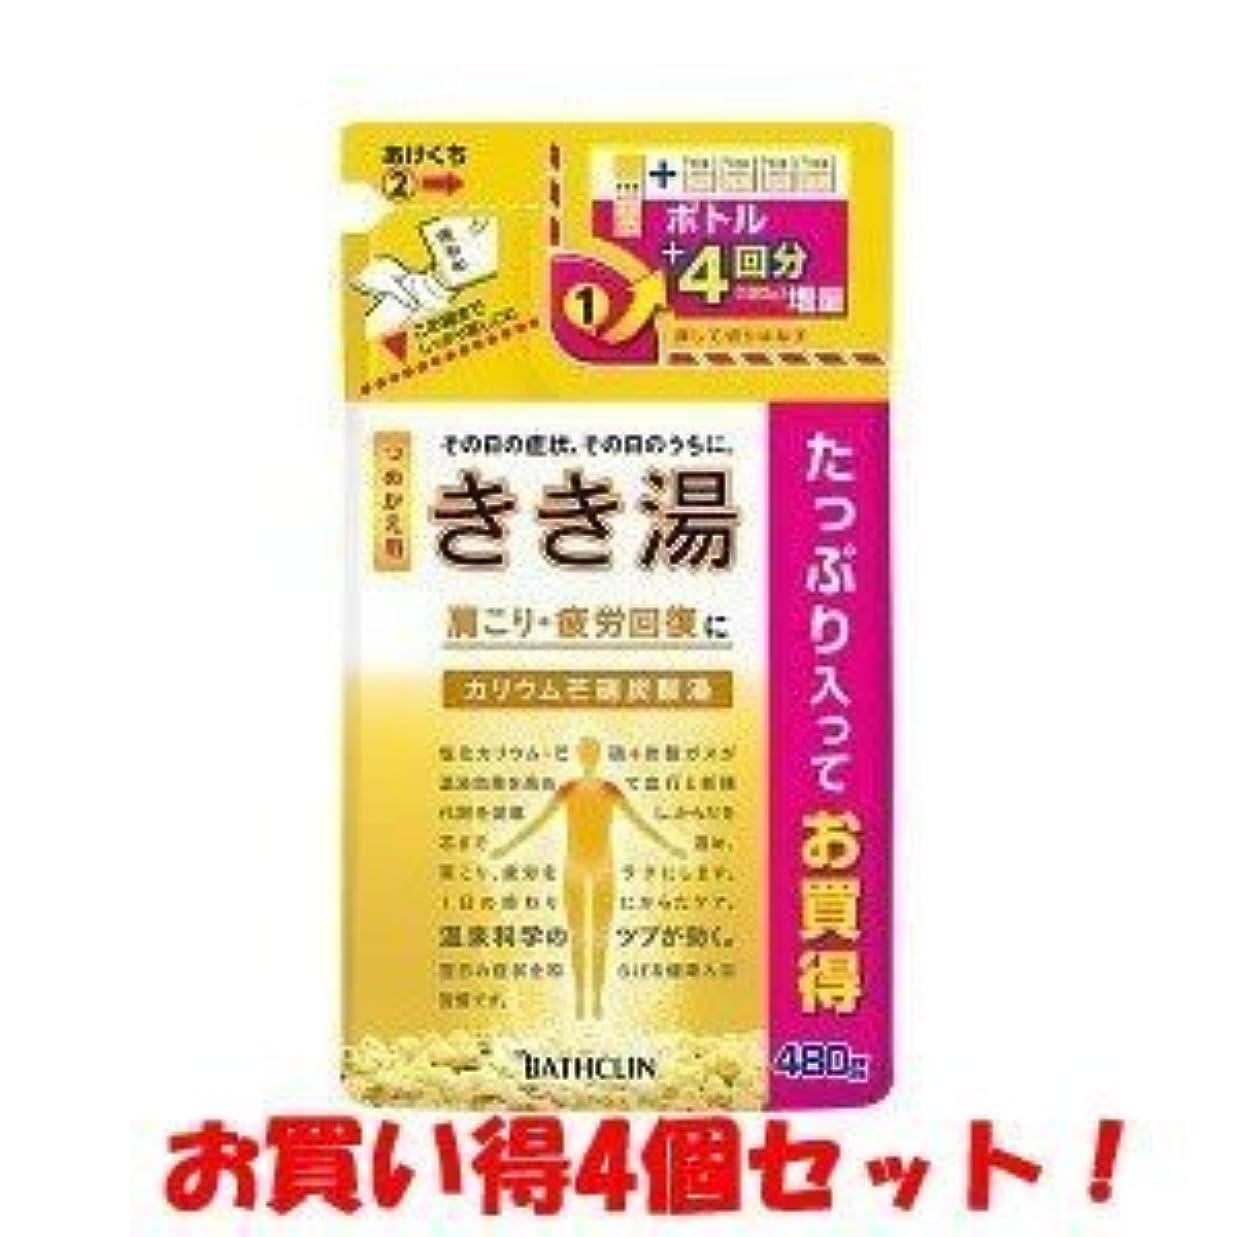 水フリース小さい(バスクリン)きき湯 カリウム芒硝炭酸湯 つめかえ用 480g(医薬部外品)(お買い得4個セット)